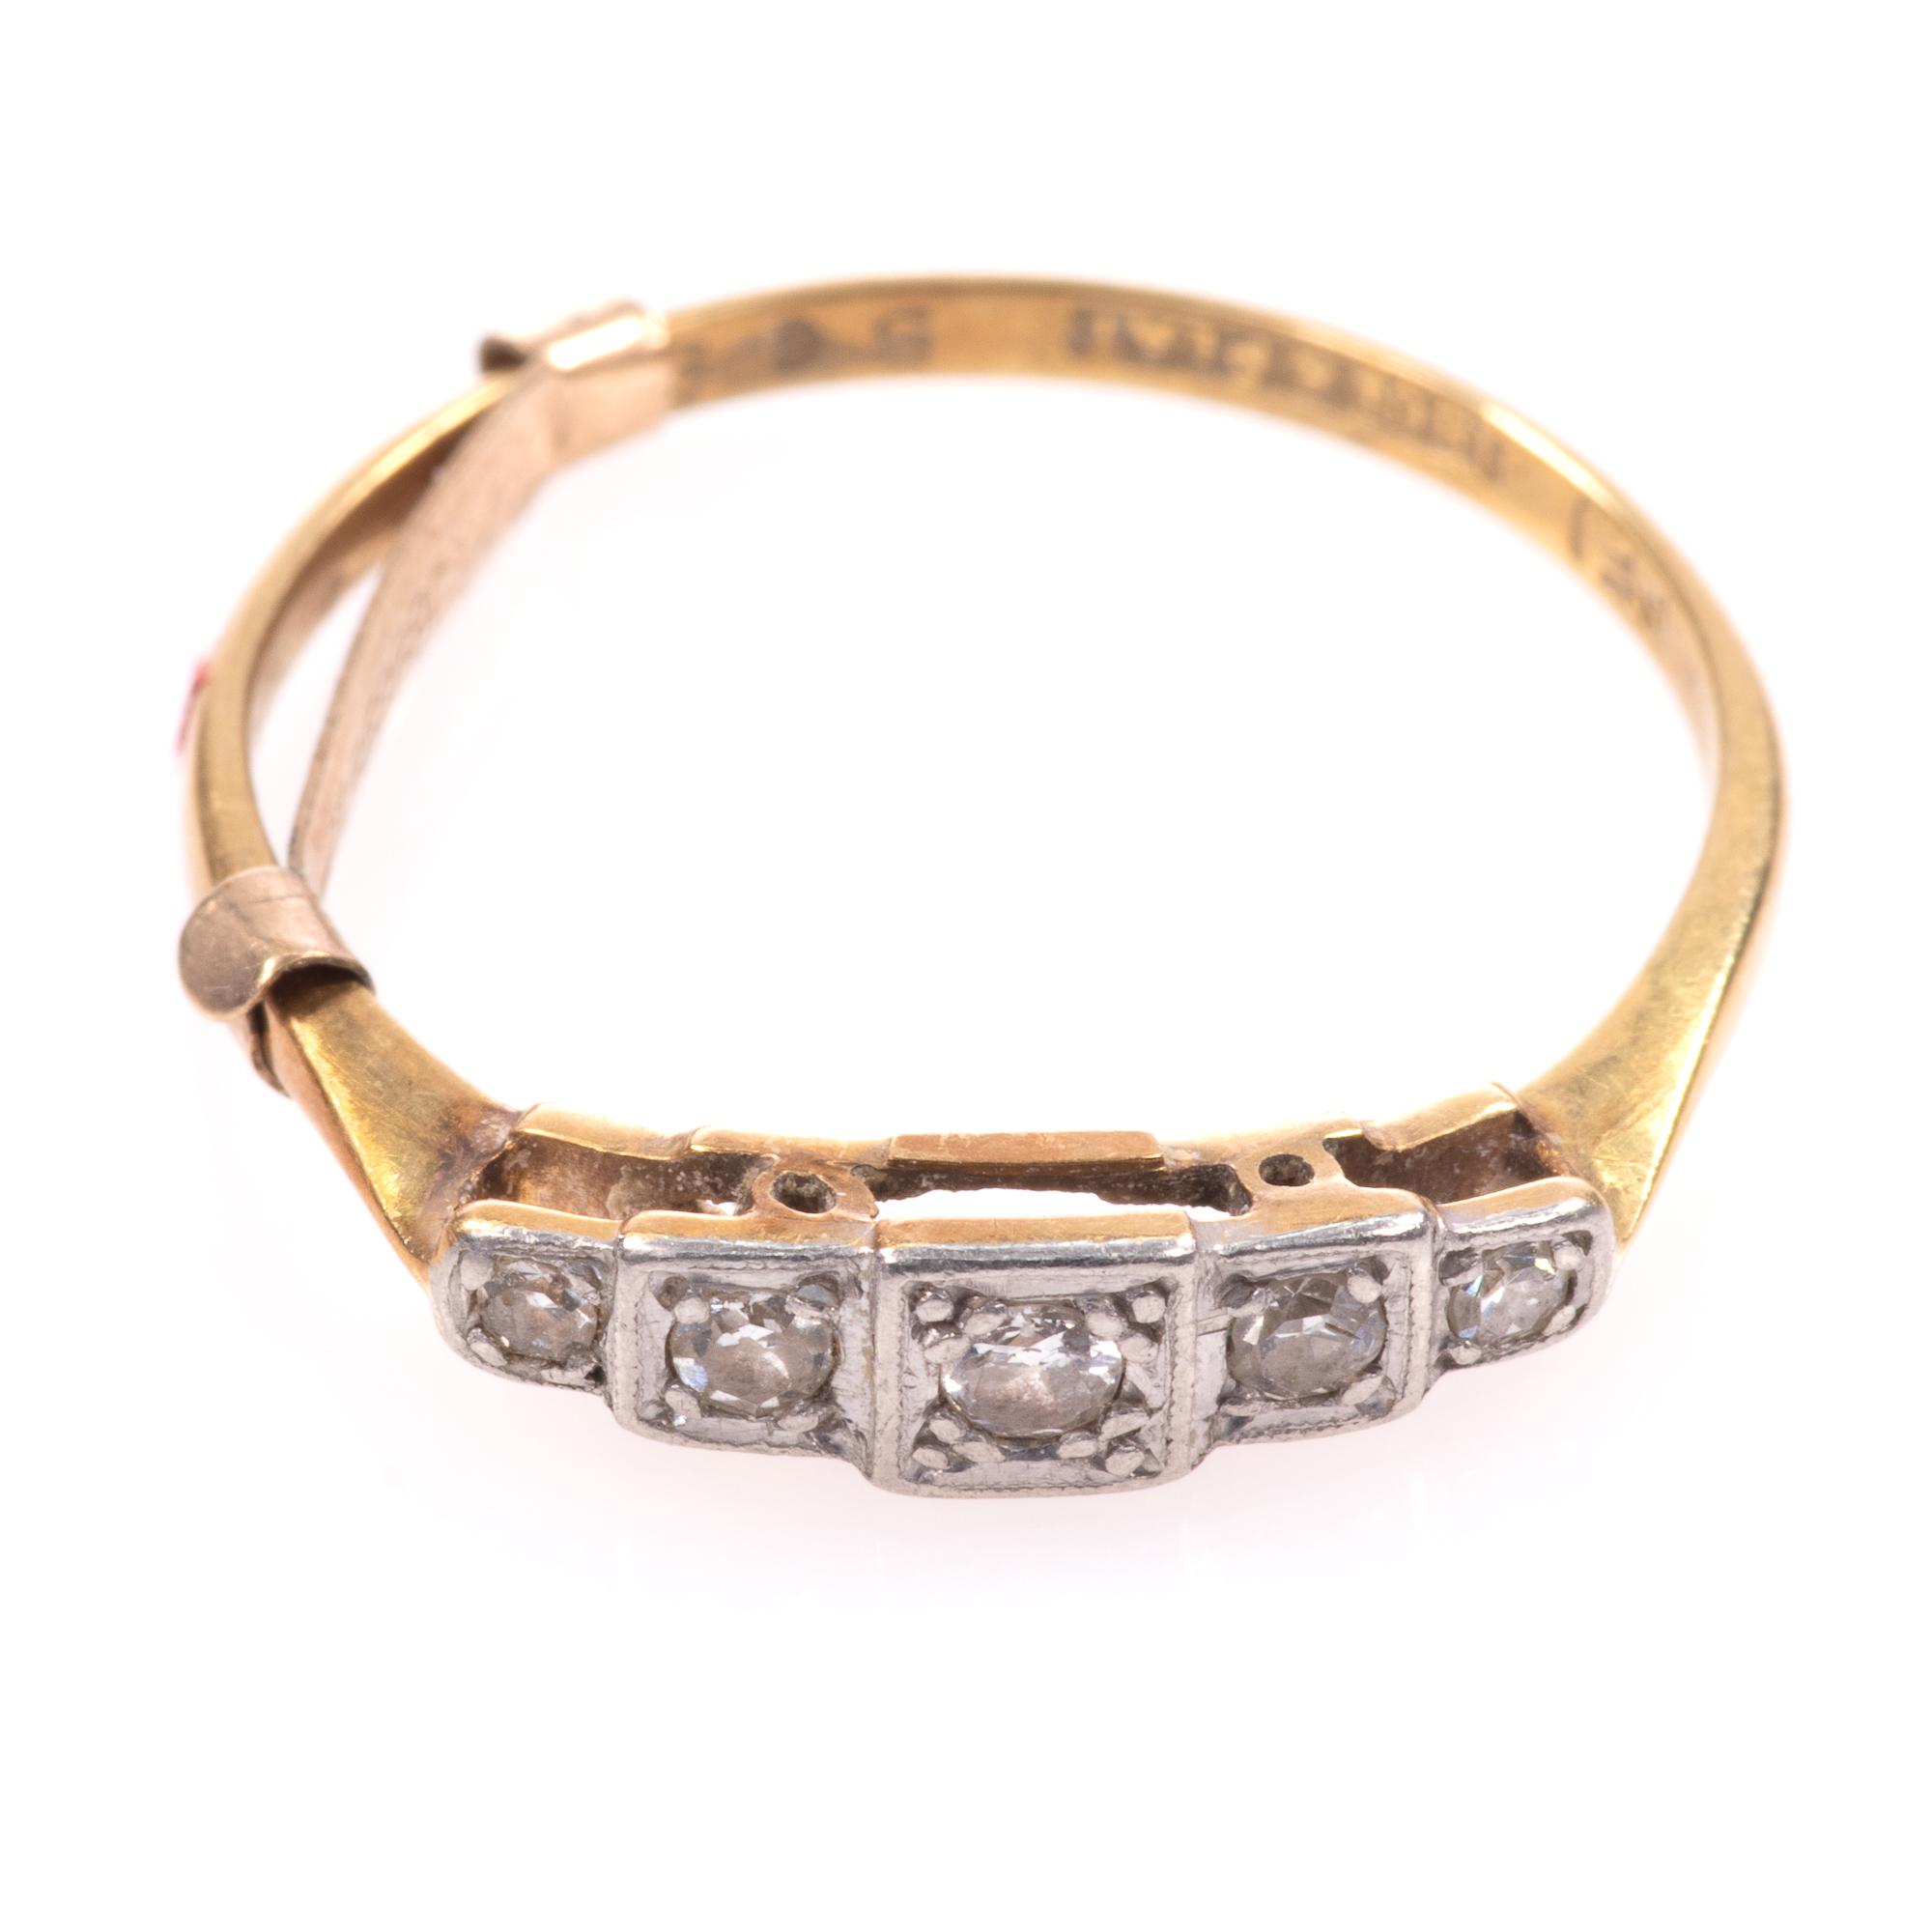 18ct Gold & Platinum Art Deco Diamond Ring